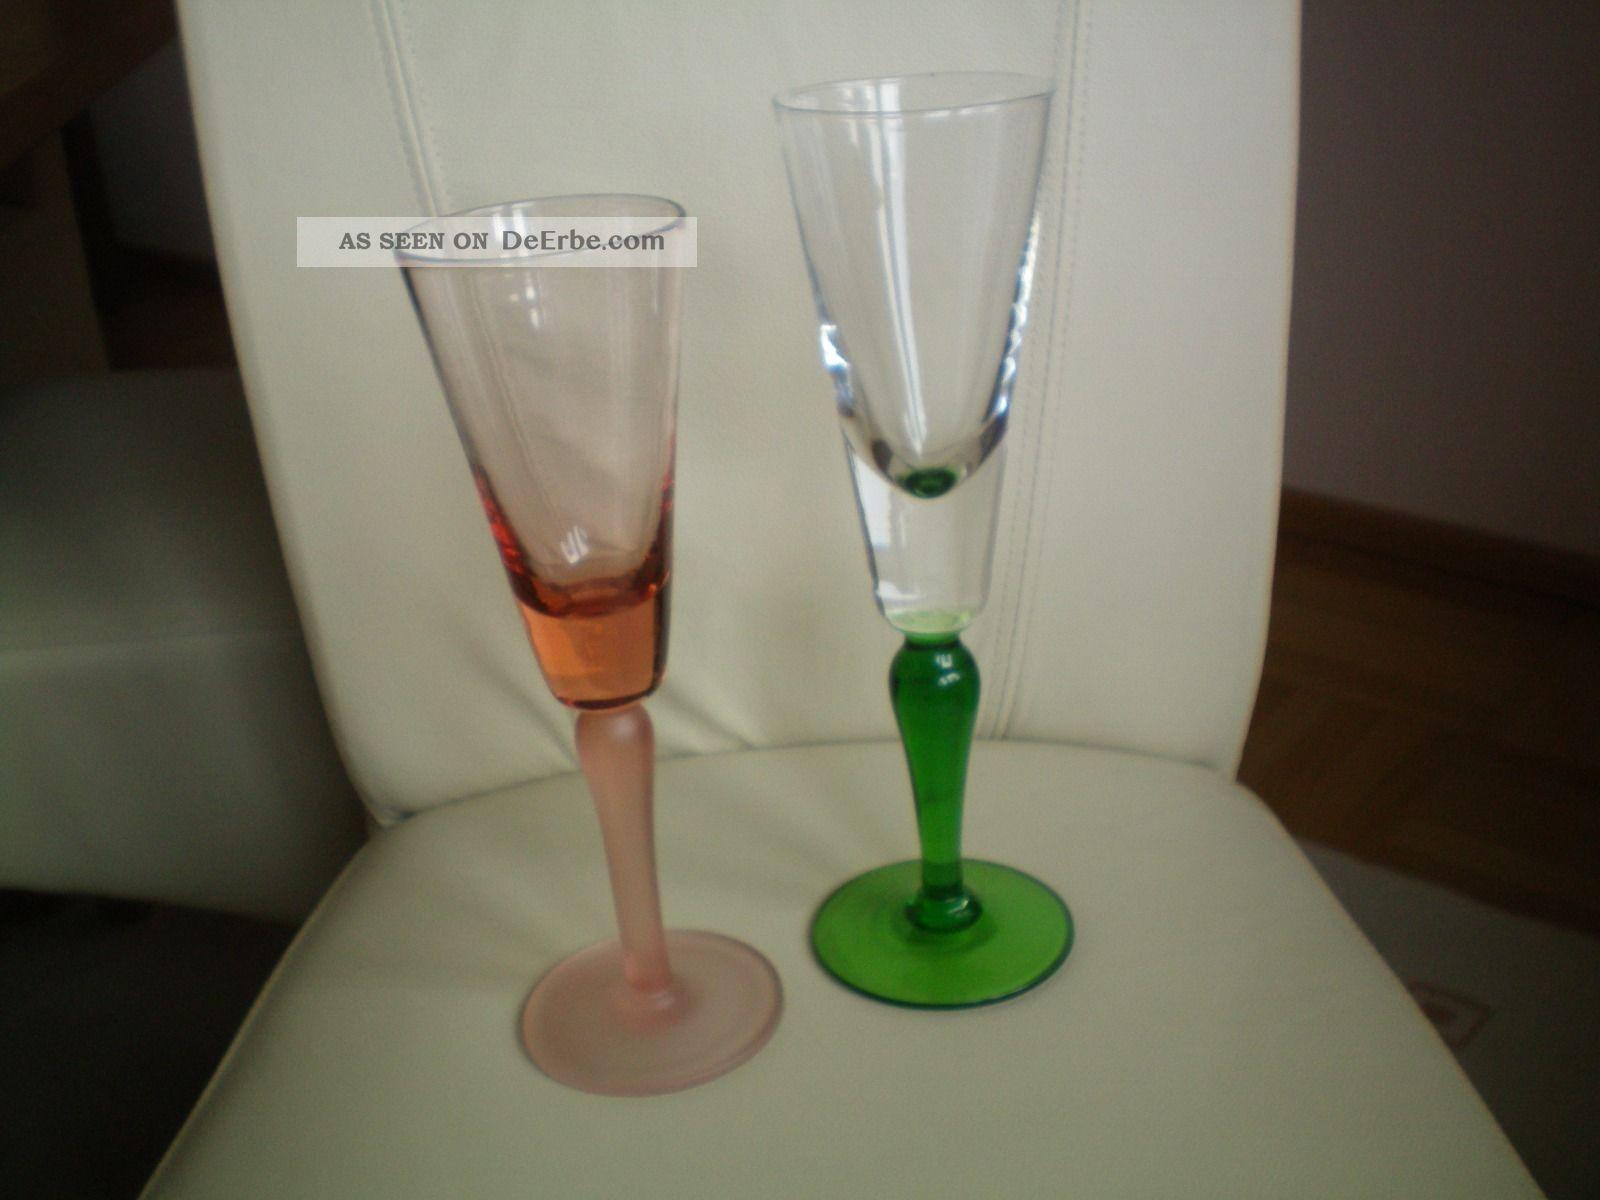 Seltene Große Gläser (29cm) Rosaglas - Grünglas - Pressglas? Dachbodenfund Sammlerglas Bild